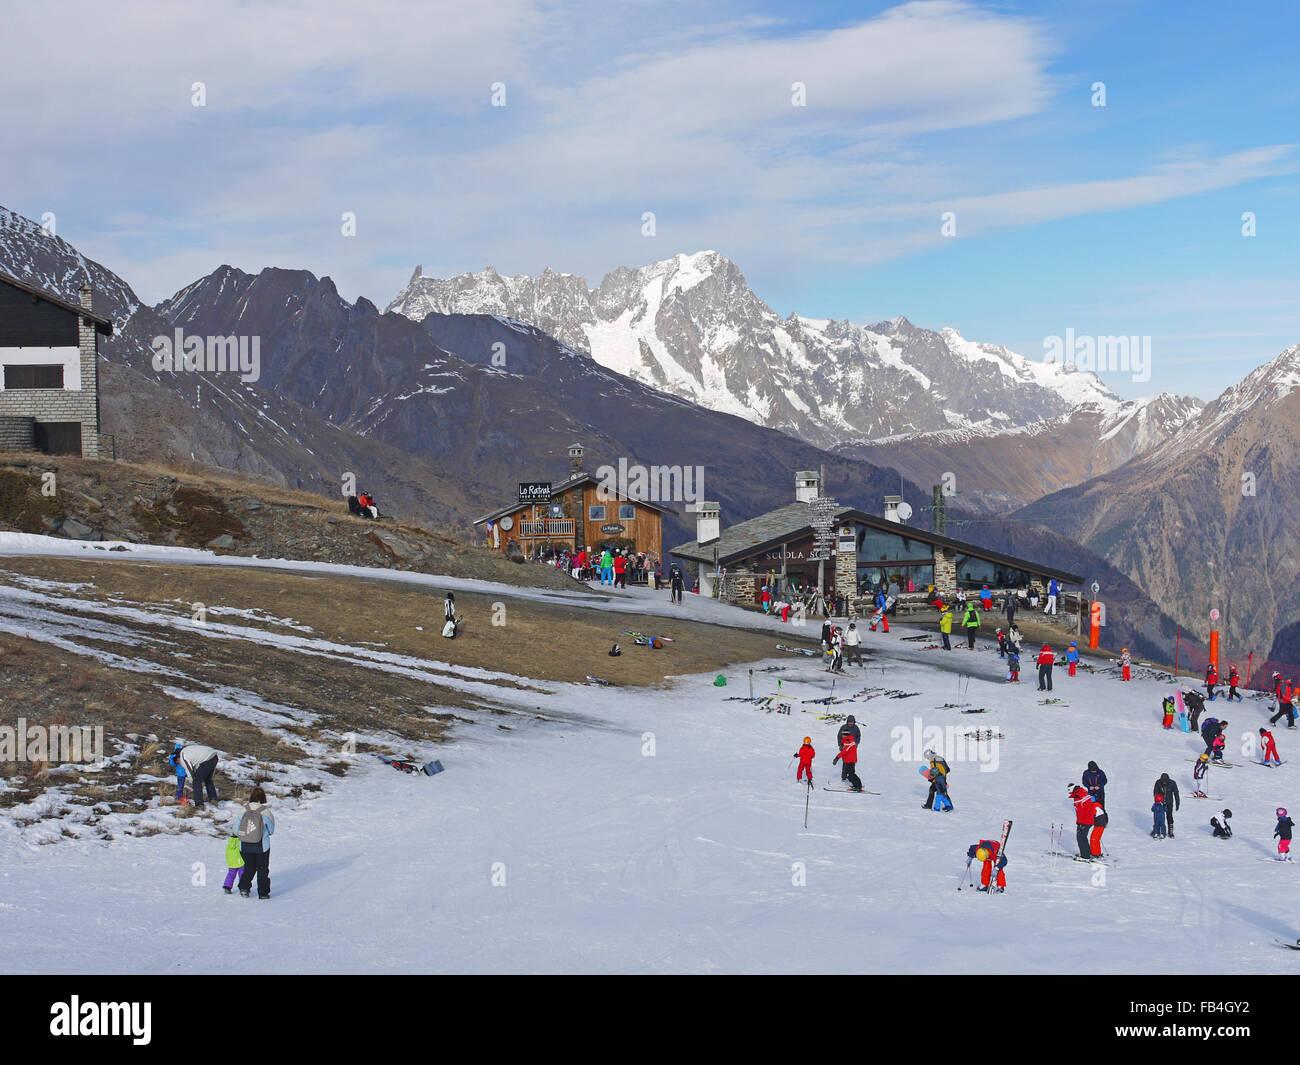 La Thuile Italia ski resort nel dicembre 2015 mostra l'estrema mancanza di neve in Europa per sport invernale Immagini Stock